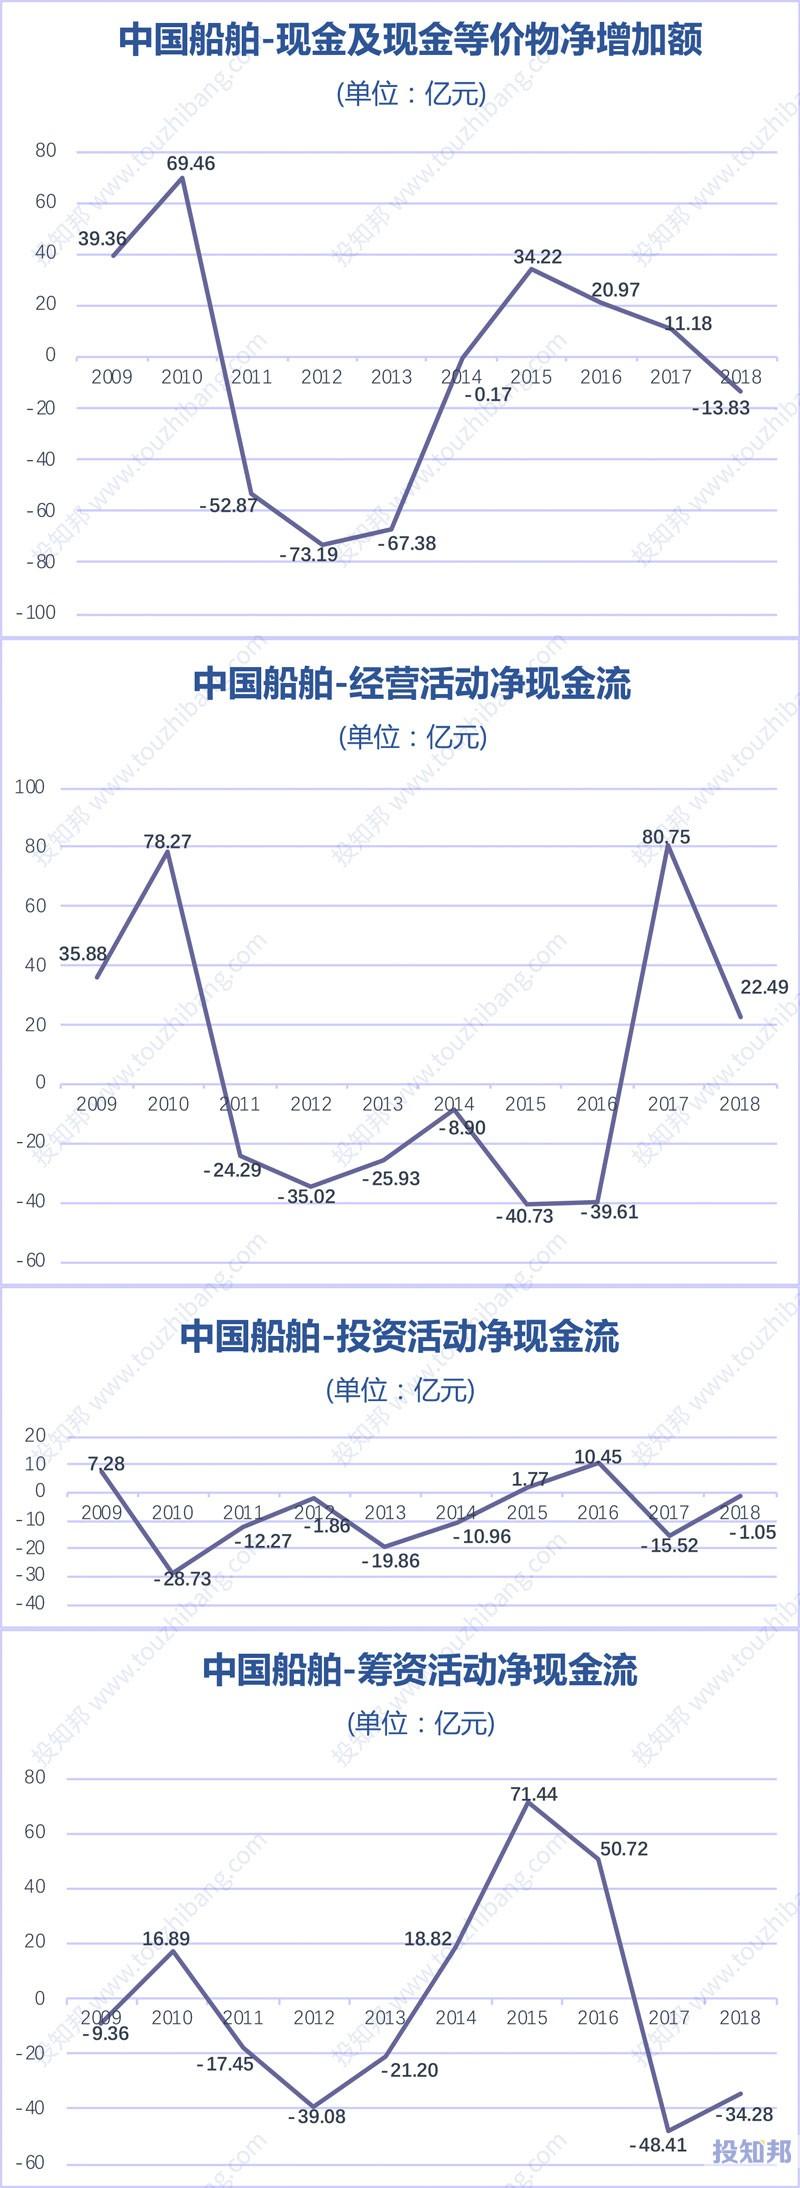 图解中国船舶(600150)财报数据(2009年~2019年Q3)